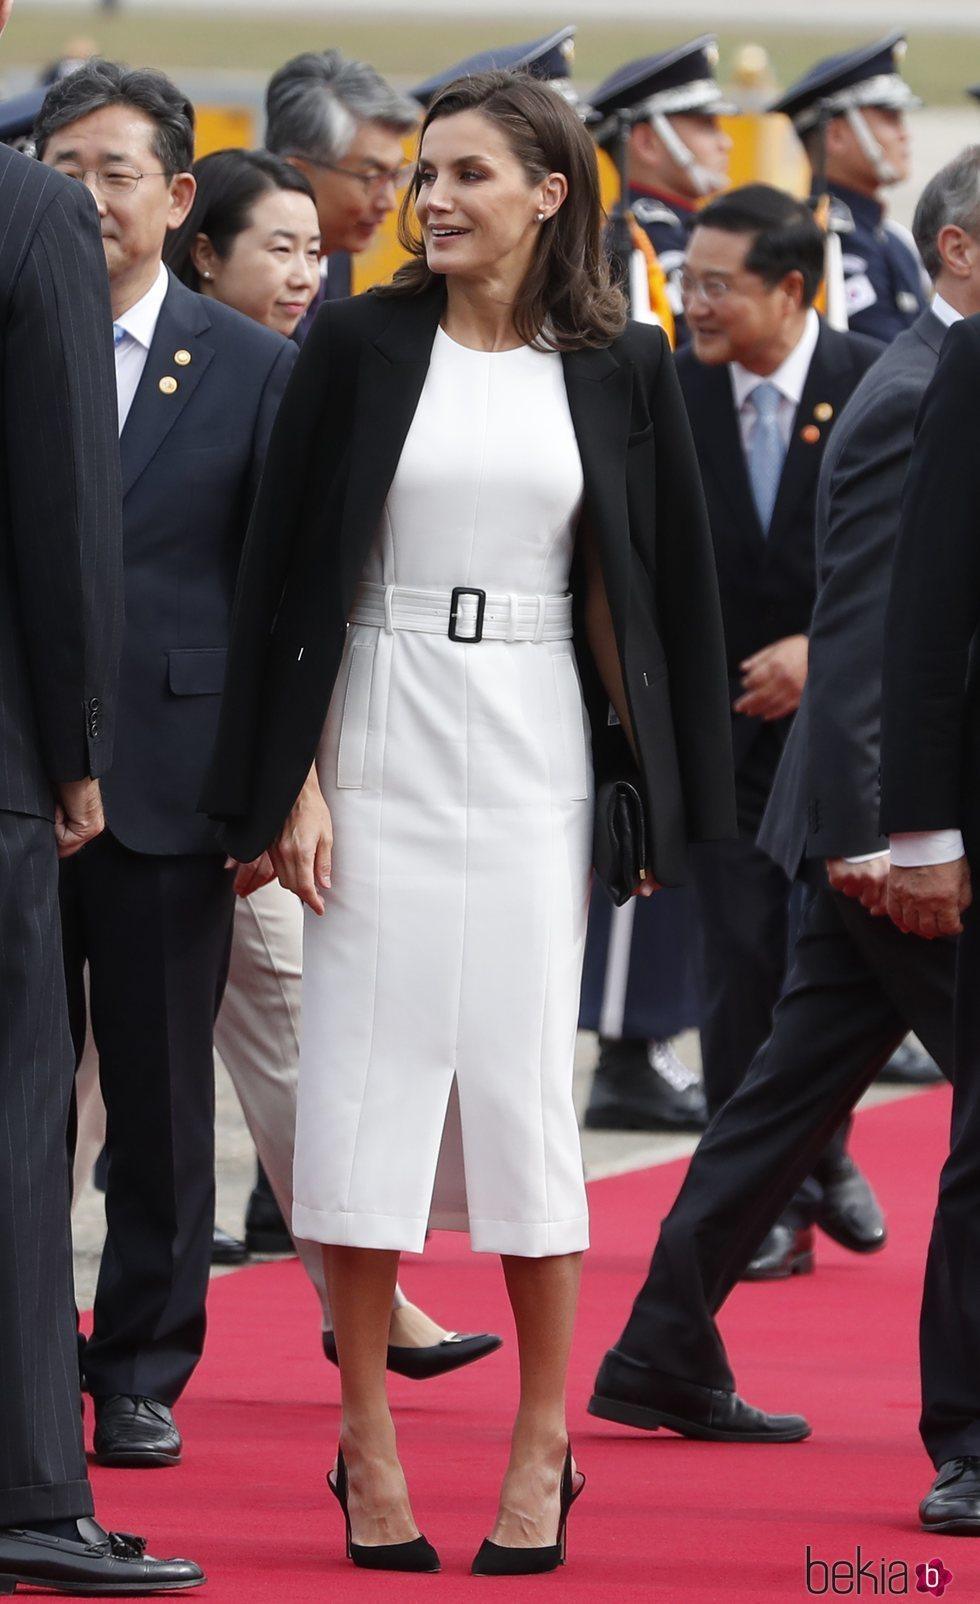 La Reina Letizia con un vestido de Hugo Boss en su llegada a Corea del Sur durante su visita oficial